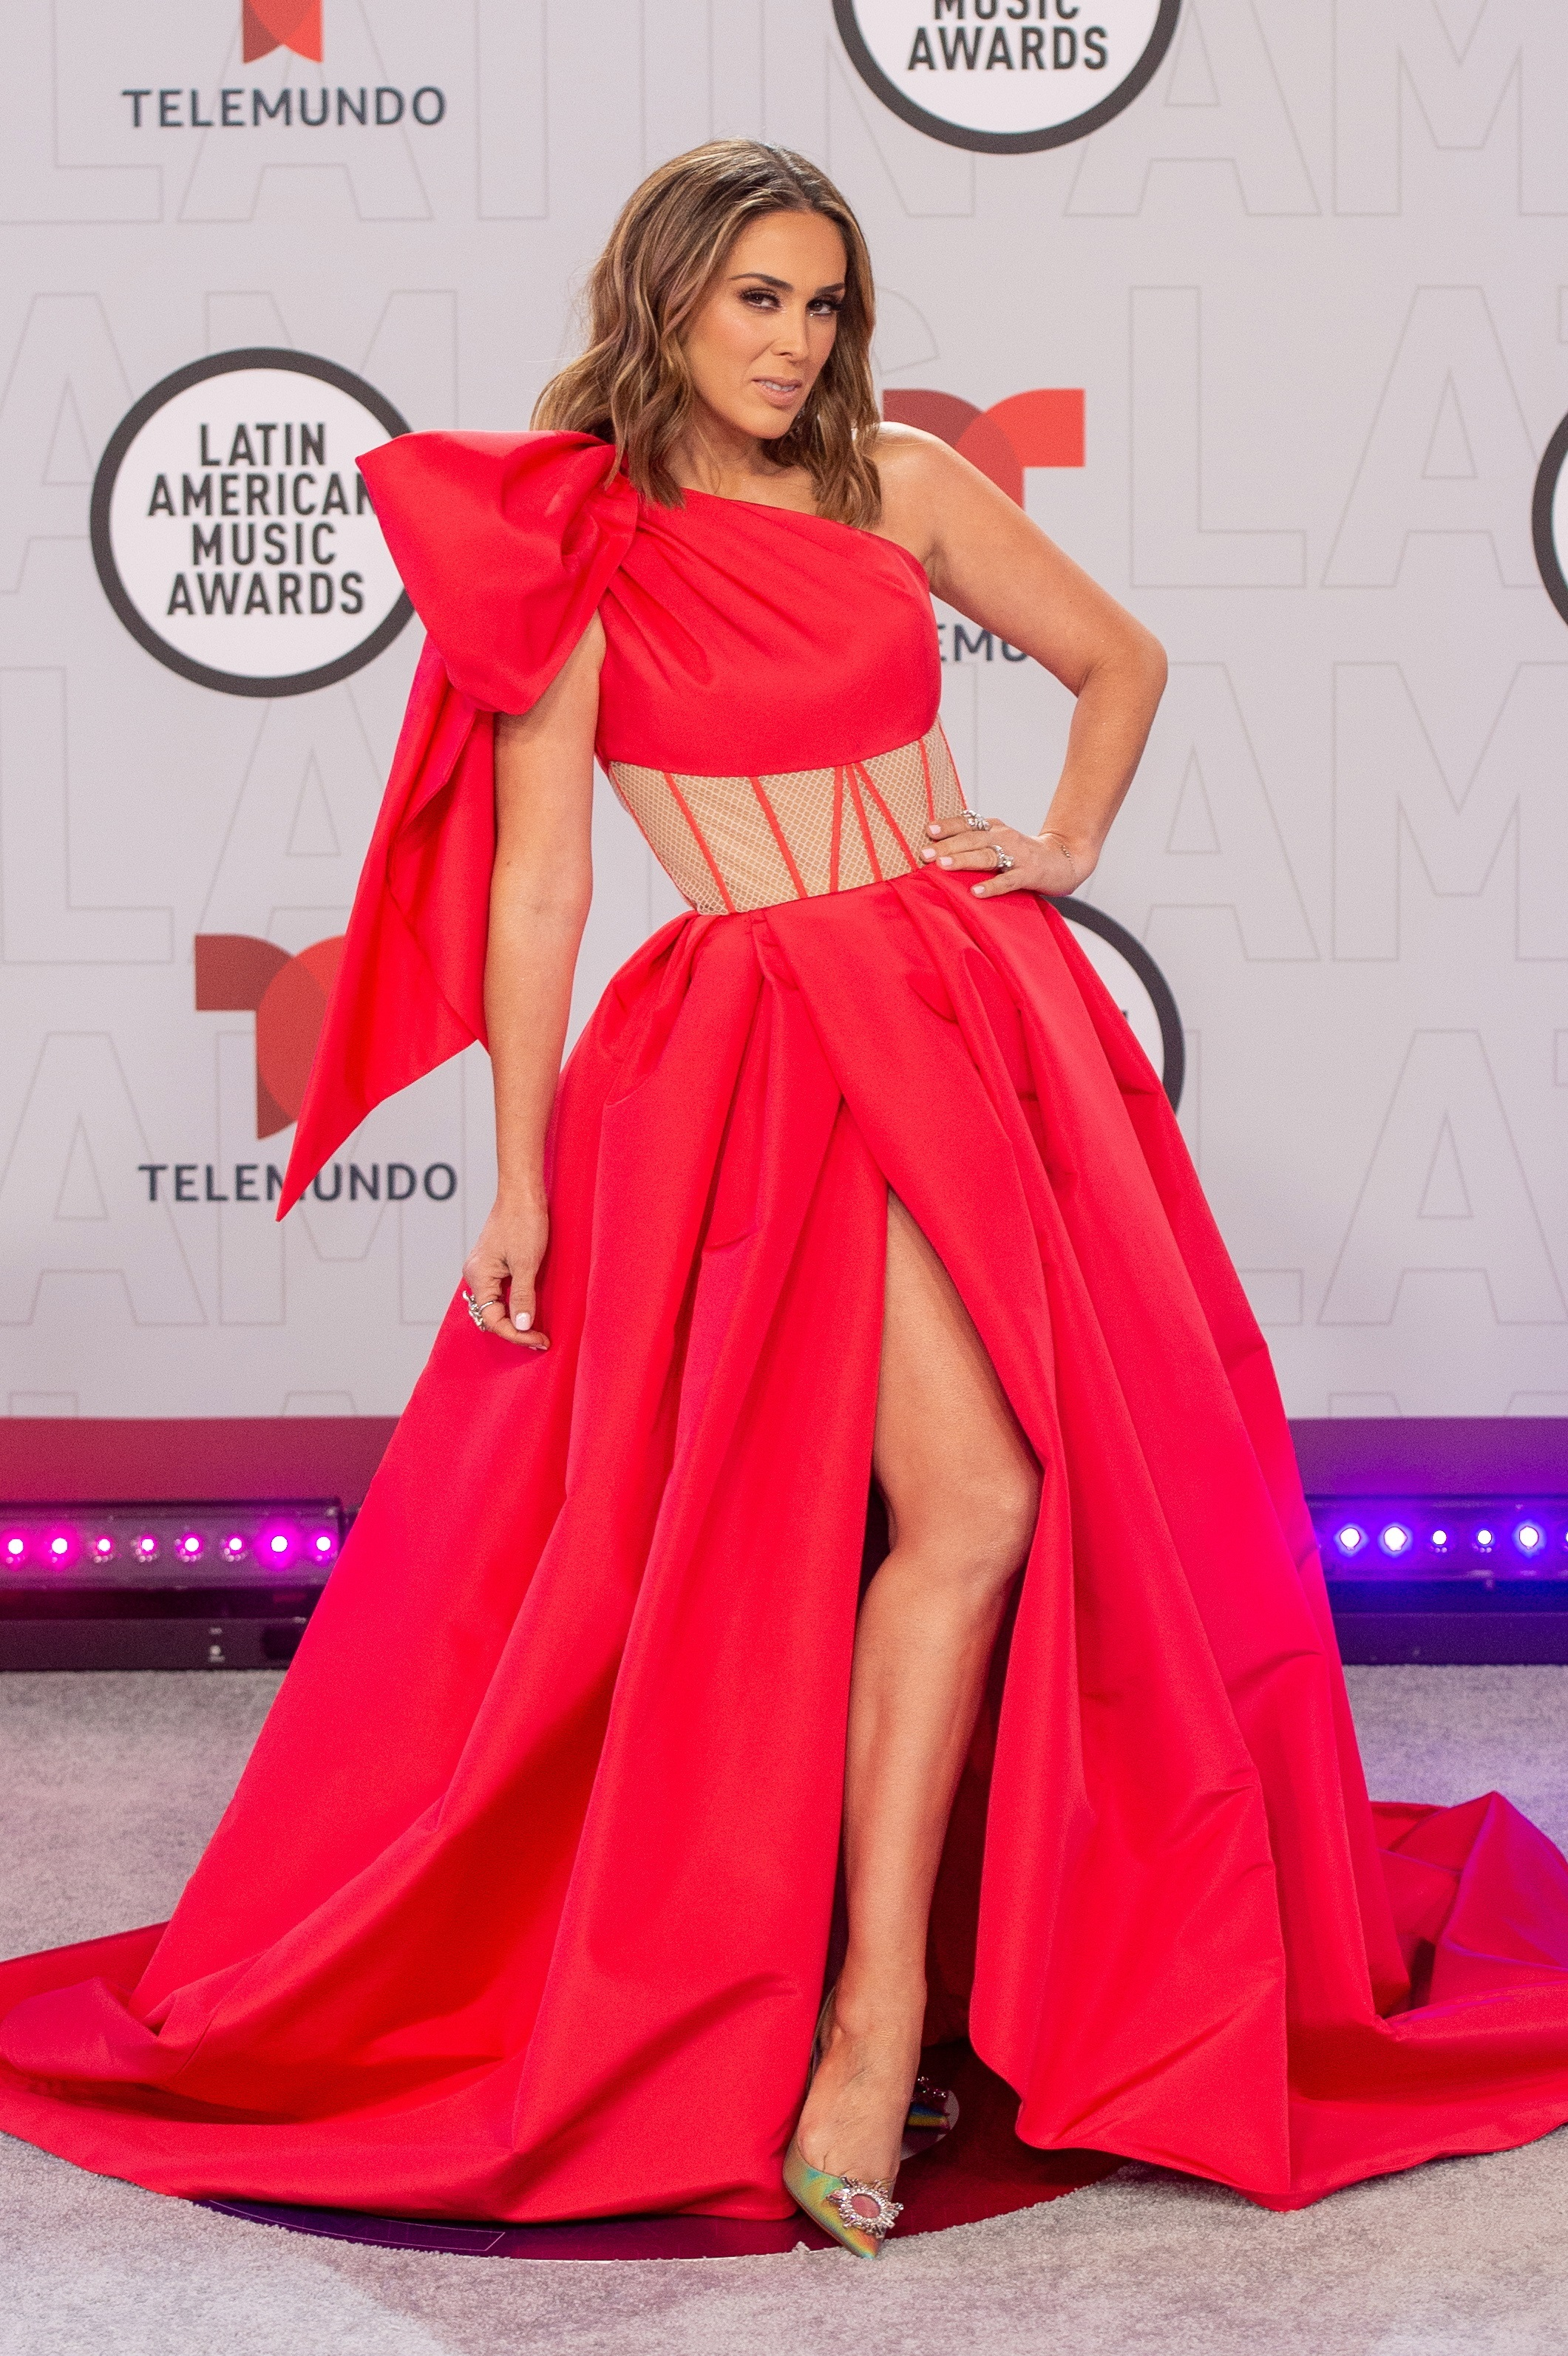 La actriz mexicana, Jacqueline Bracamontes, fue la responsable de conducir la gala de los Latin American Music Awards 2021 y tuvo varios cambios de vestidos. (AP)